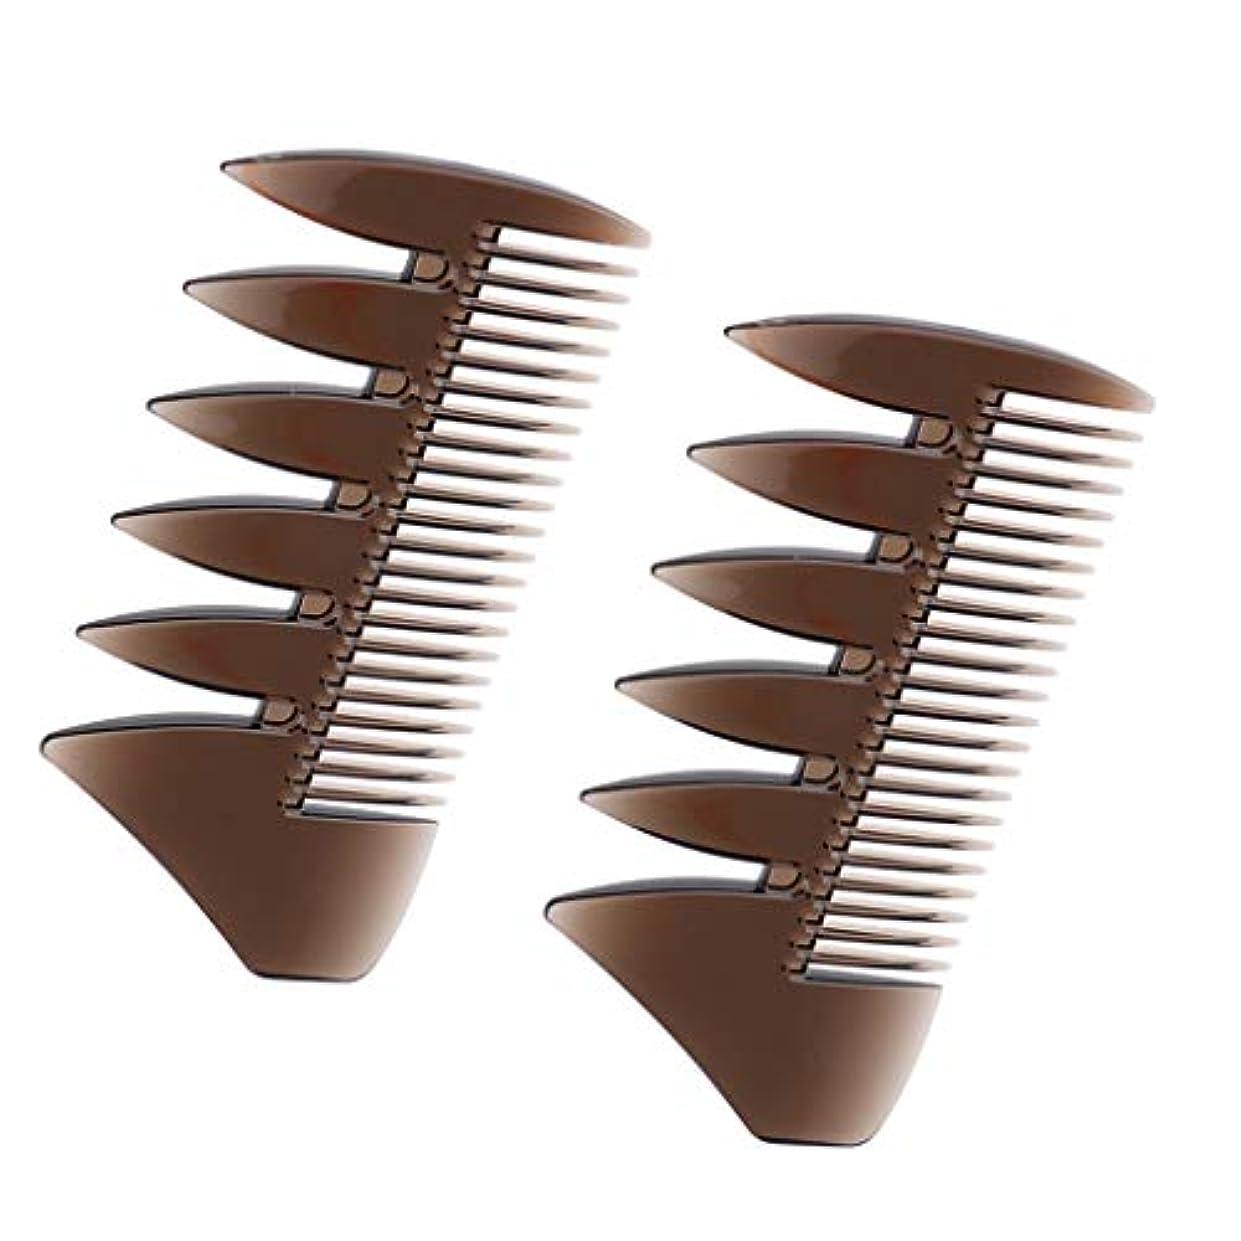 発生するエスカレーターマークダウンSharplace ヘアコンビ デュアルサイド メンズ 髪櫛 ヘアサロン ヘアスタイリング 散髪店/美容院専用櫛2個入